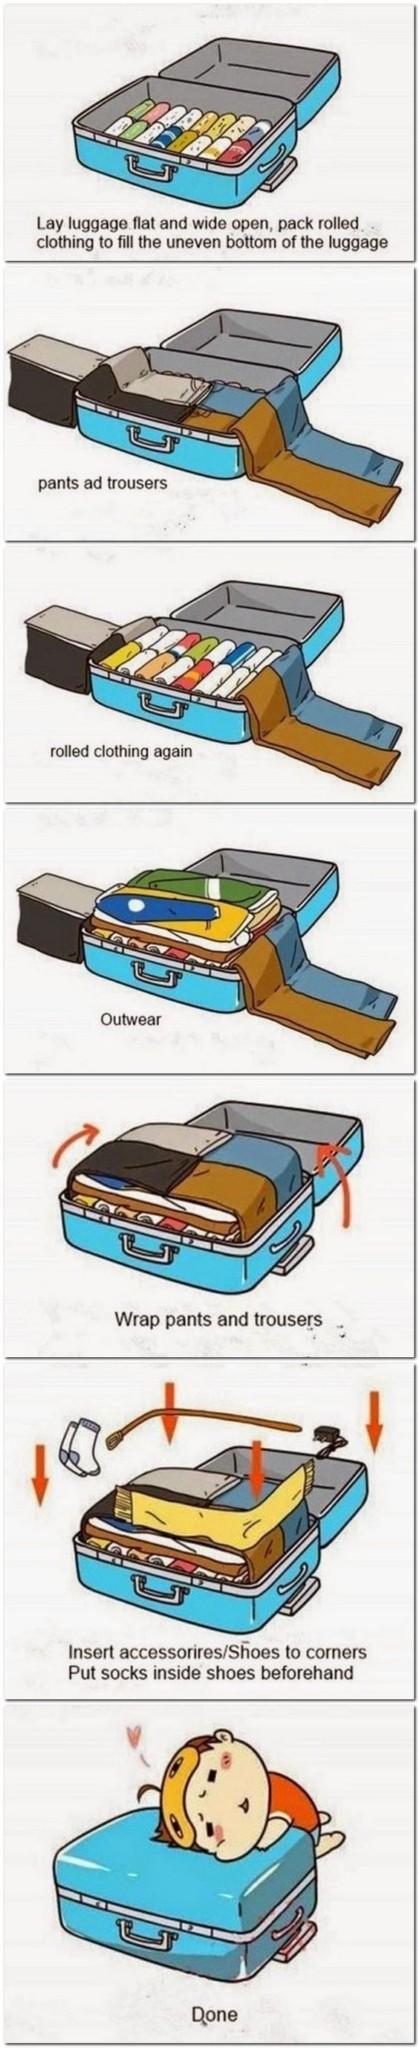 как да приготвим багажа си като професионалисти